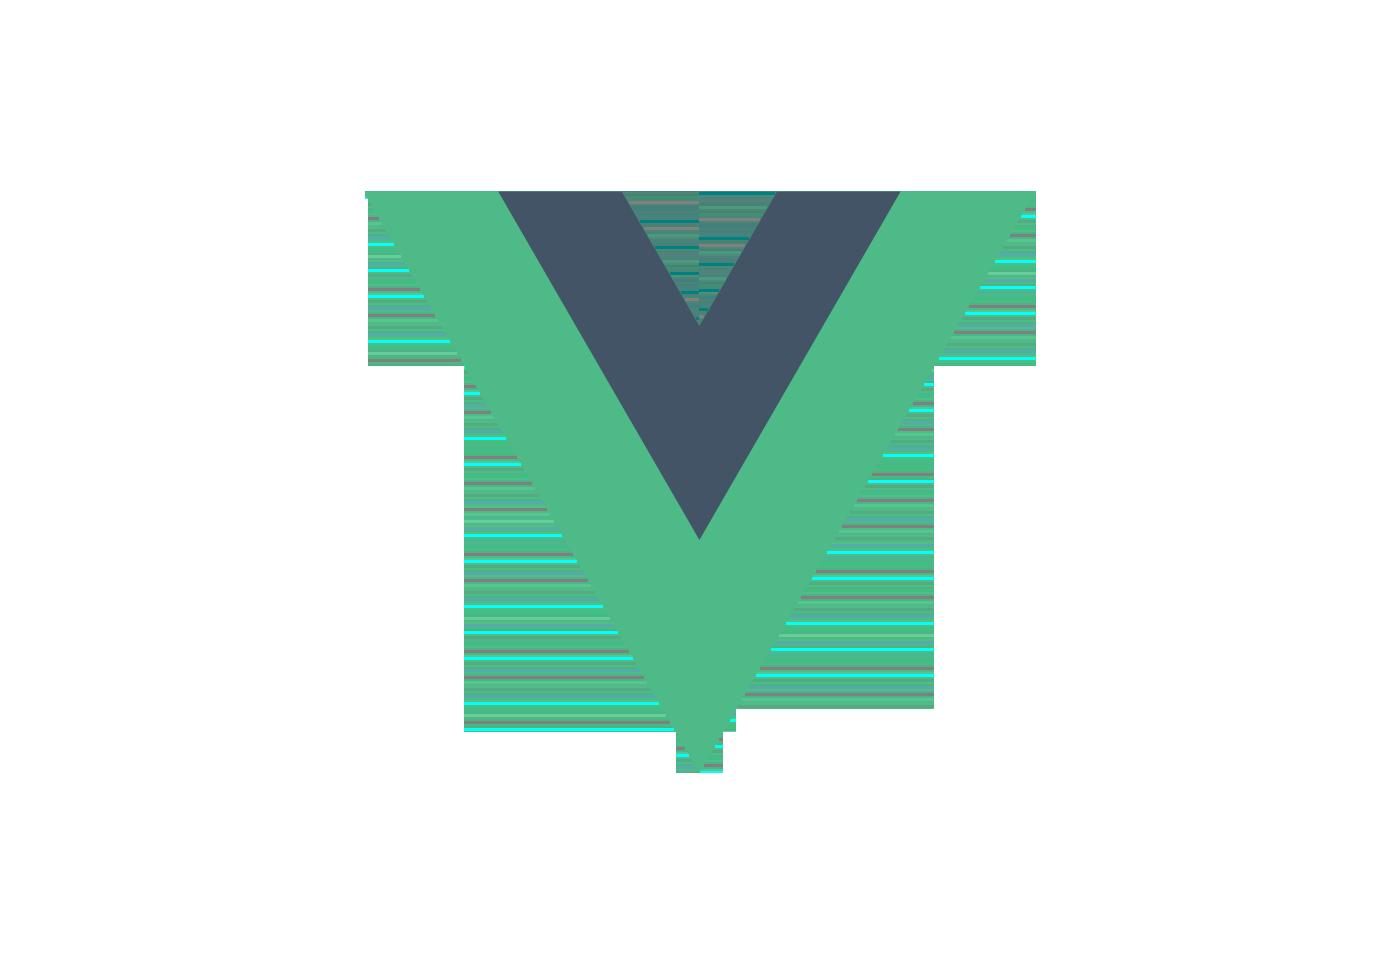 Vue_js_logo